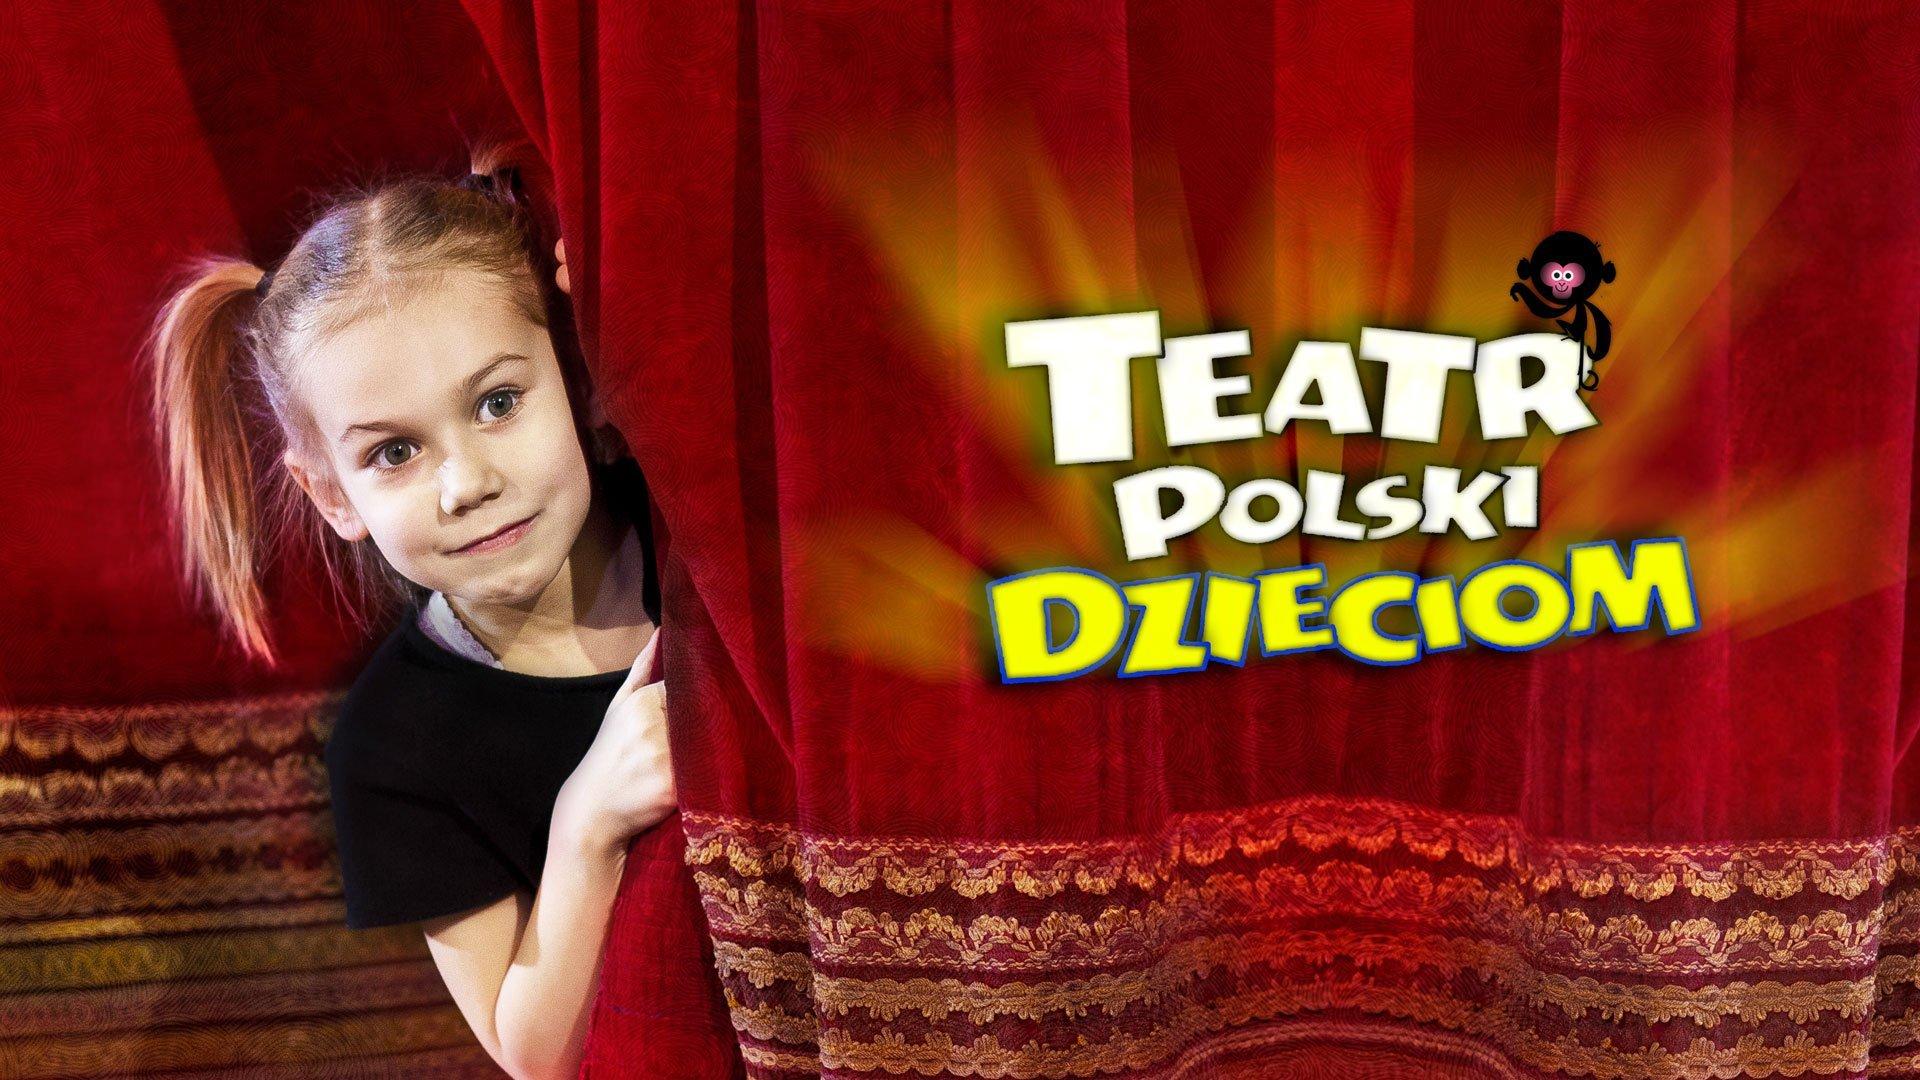 Teatr Polski Dzieciom: Bilety za złotówkę